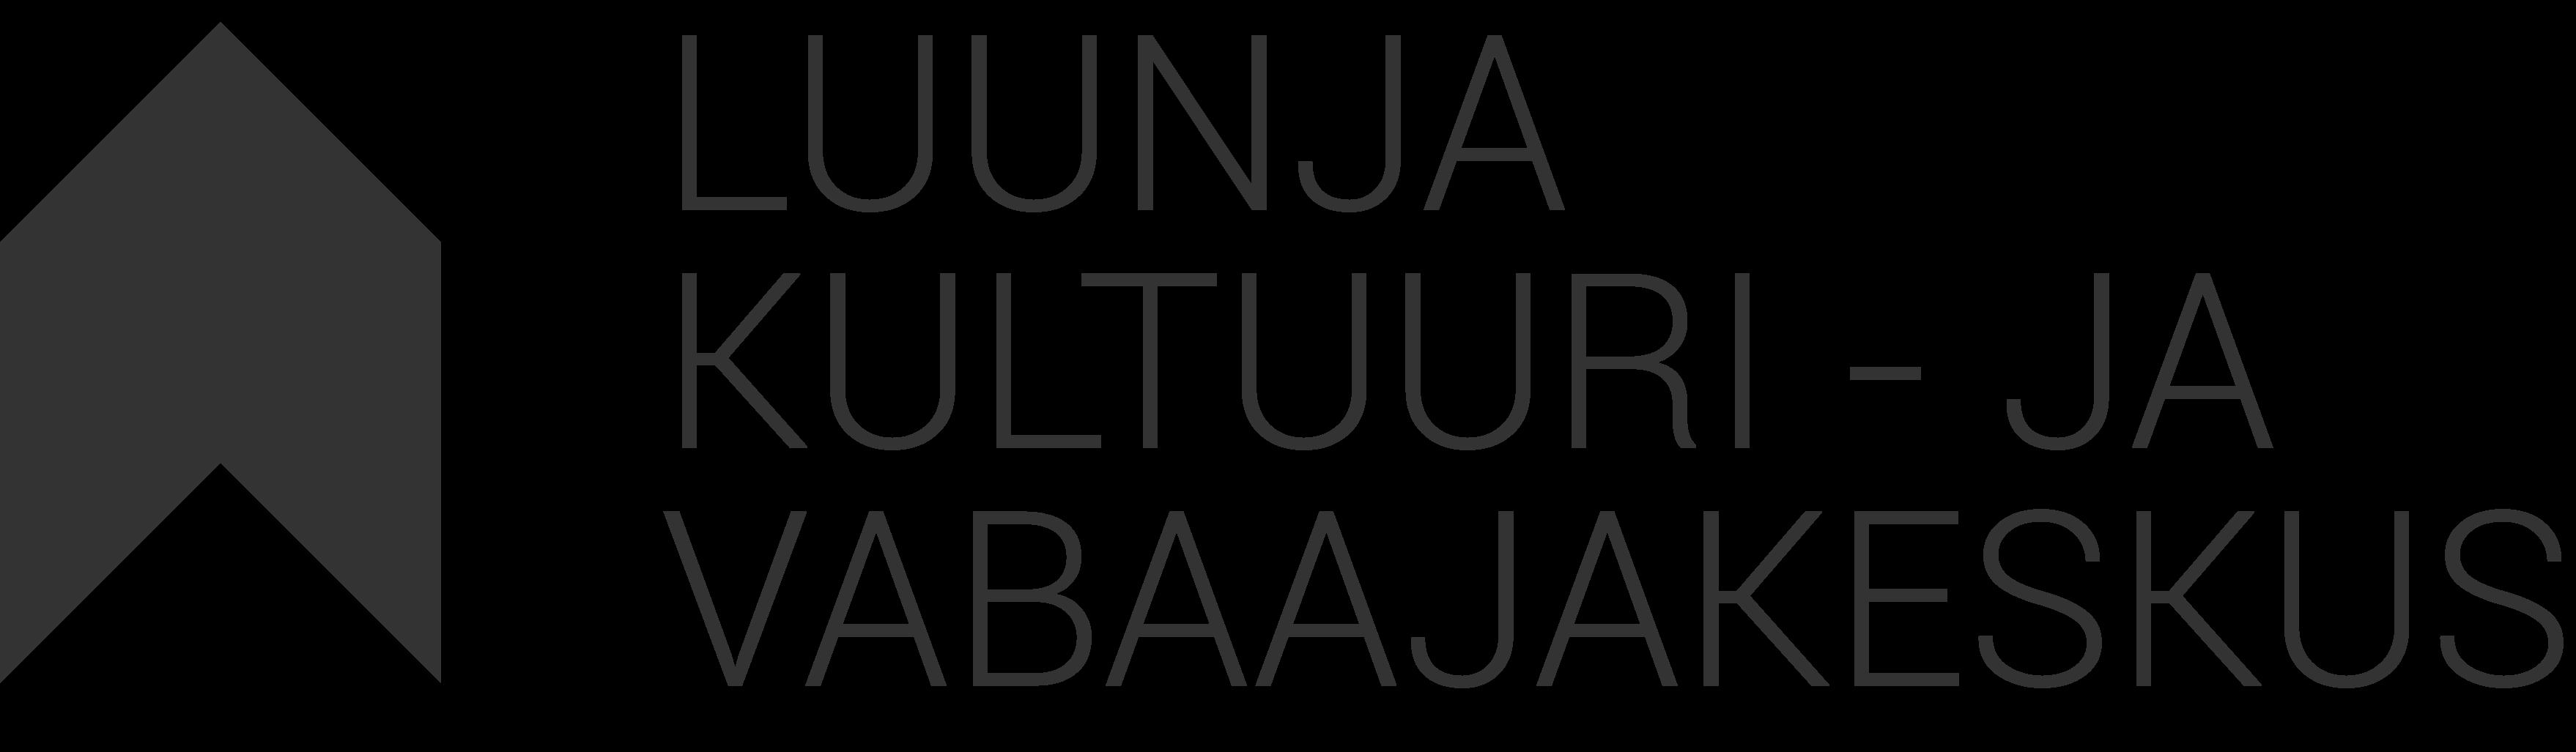 Luunja Kultuuri- Ja Vabaajakeskus